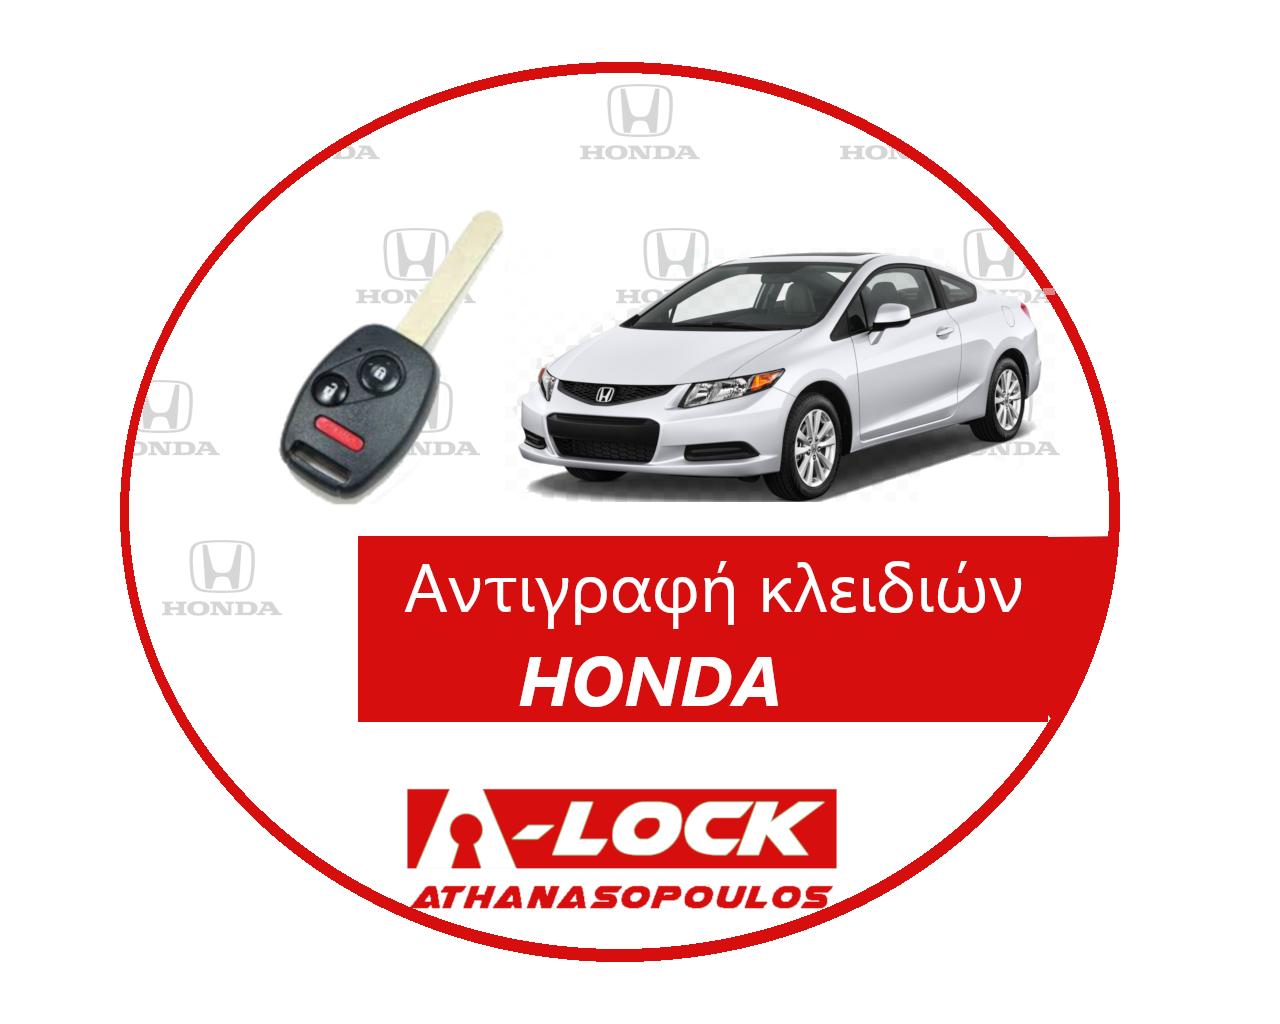 Αντιγραφές Κλειδιών Immobilizer Αυτοκινήτου HONDA - 24 Ωρες Κλειδαράς Γαλάτσι A-Lock Αθανασόπουλος